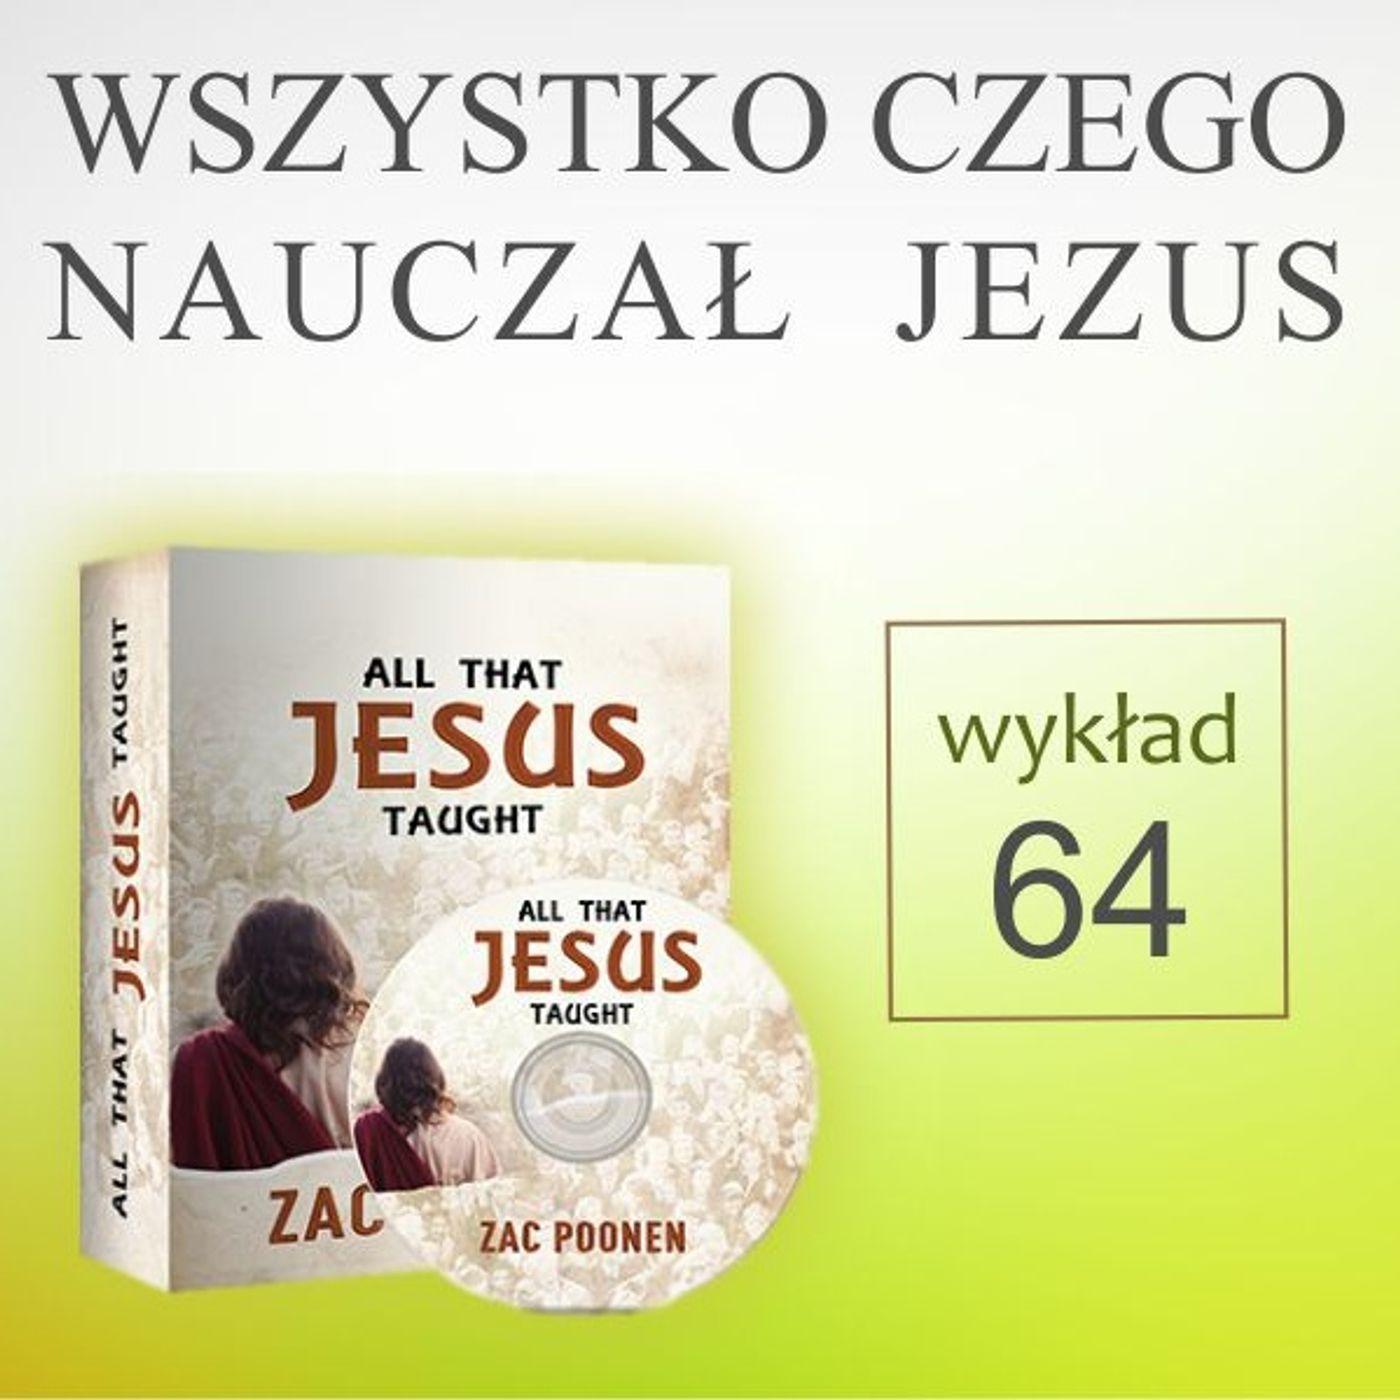 Usprawiedliwienie z wiary - Zac Poonen